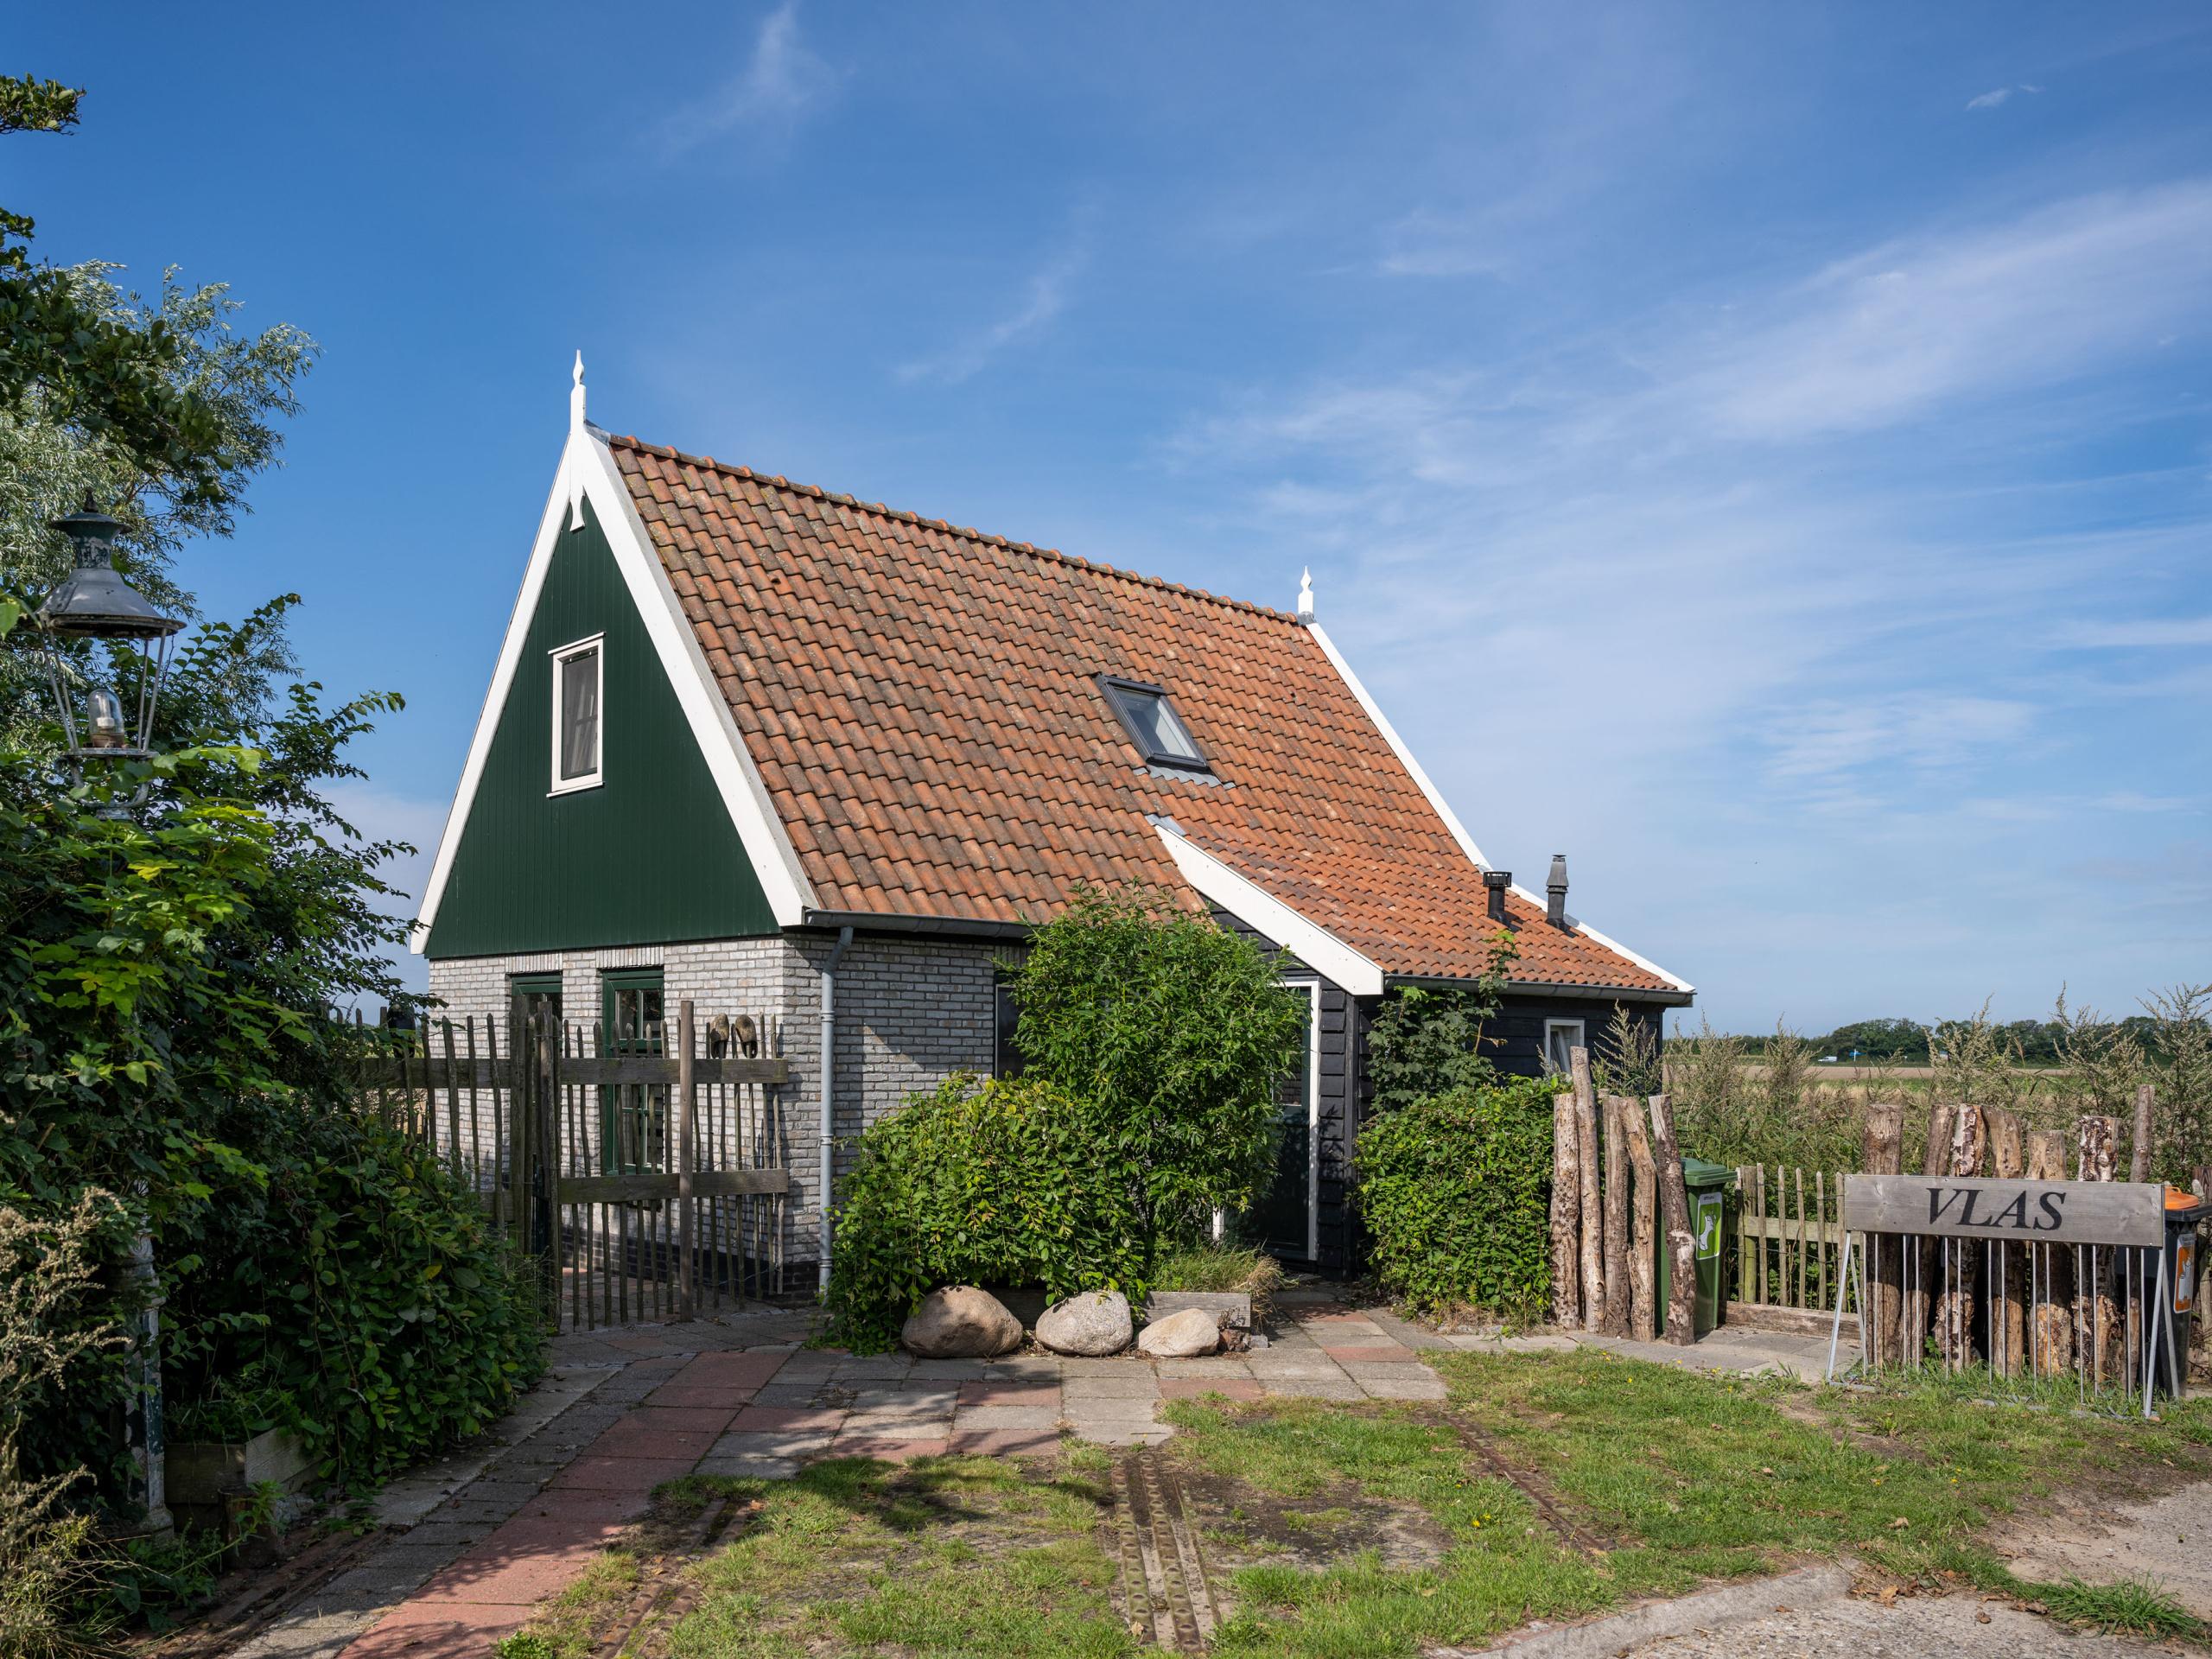 Modernes Ferienhaus im Texel-Stil auf einem Landgut in der Nähe eines alten Bauernhauses